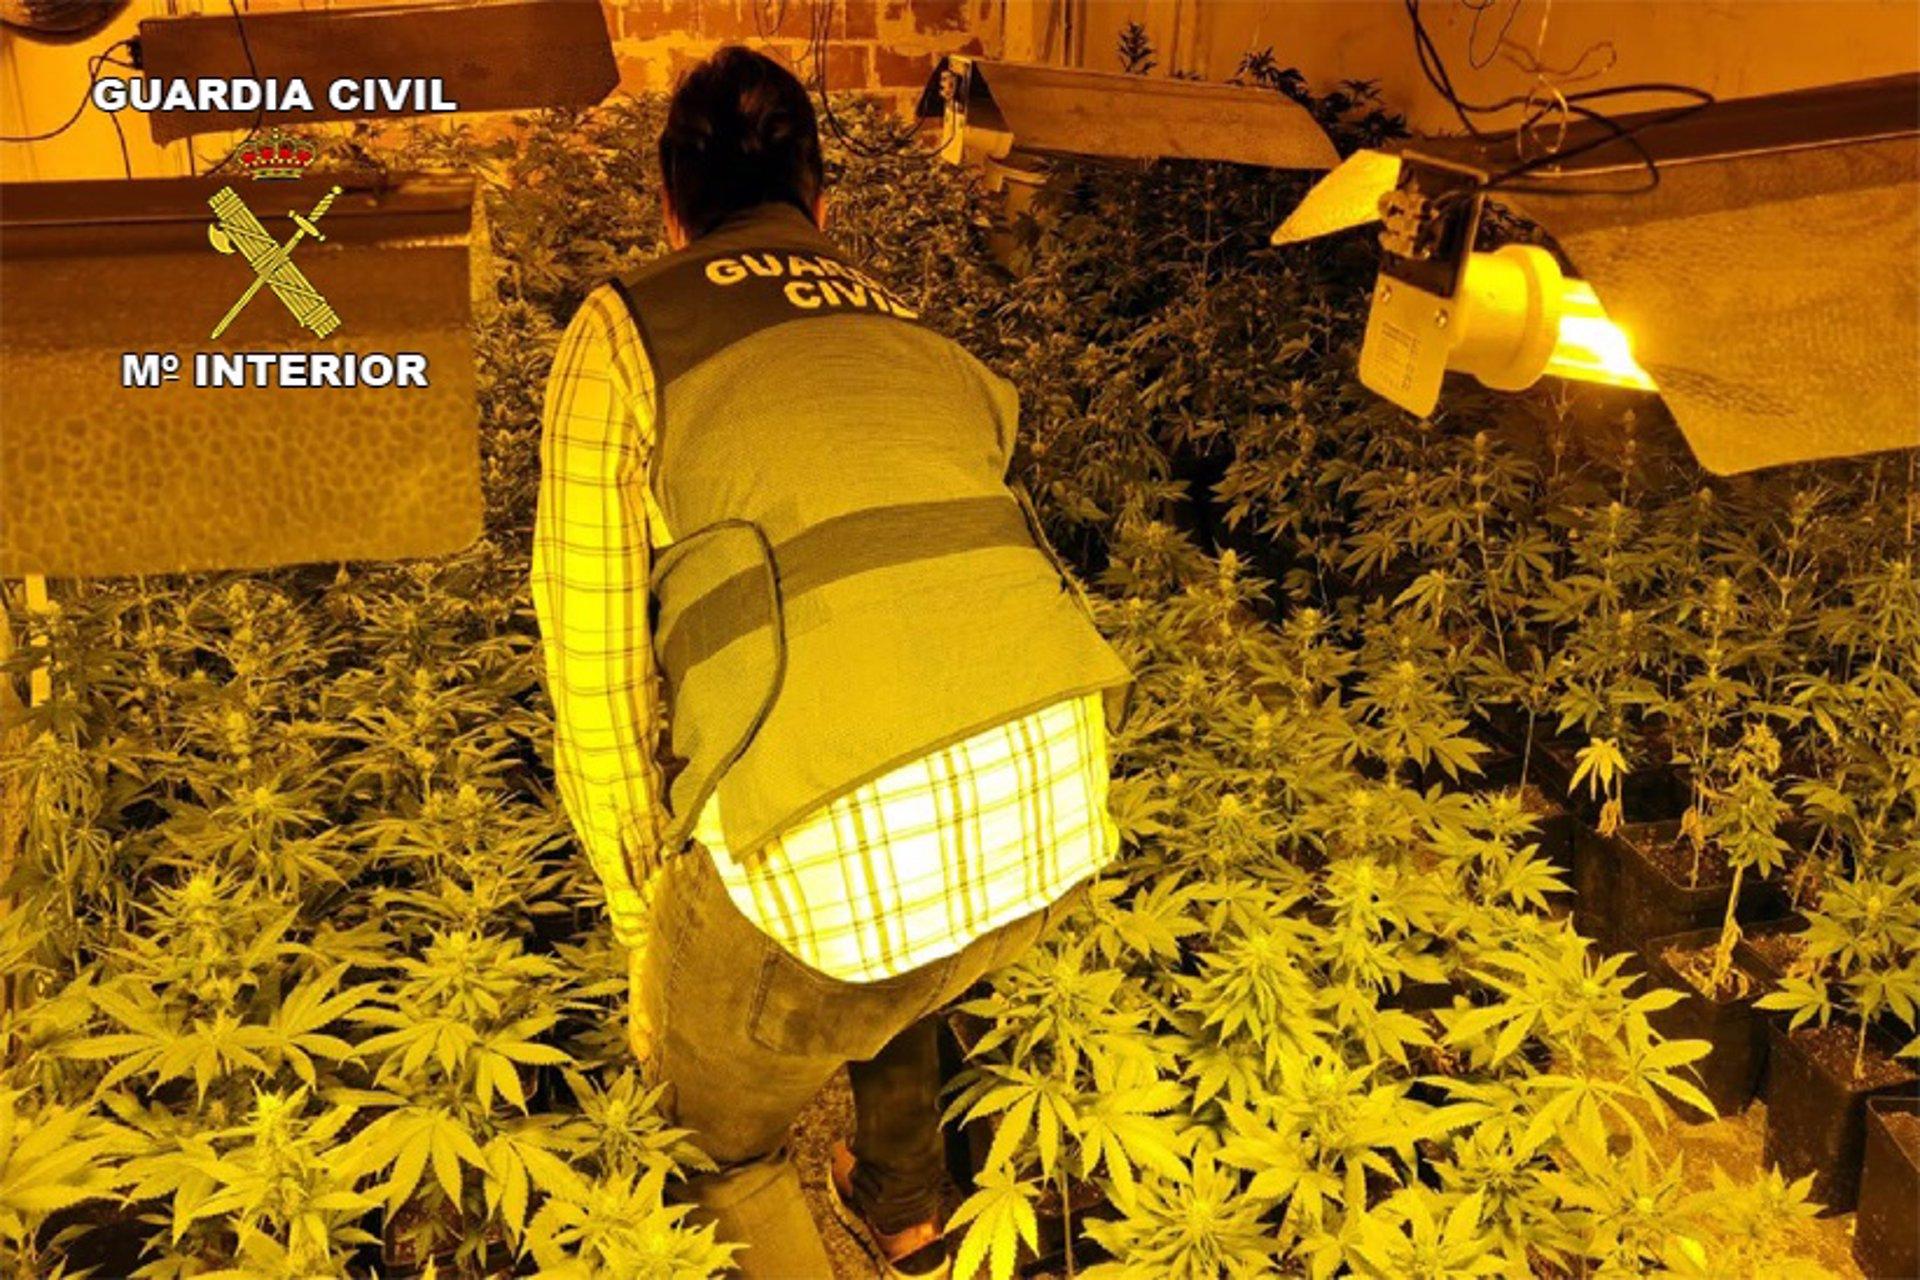 Detenidos tres miembros de una familia tras desmantelar una plantación de marihuana en La Malahá